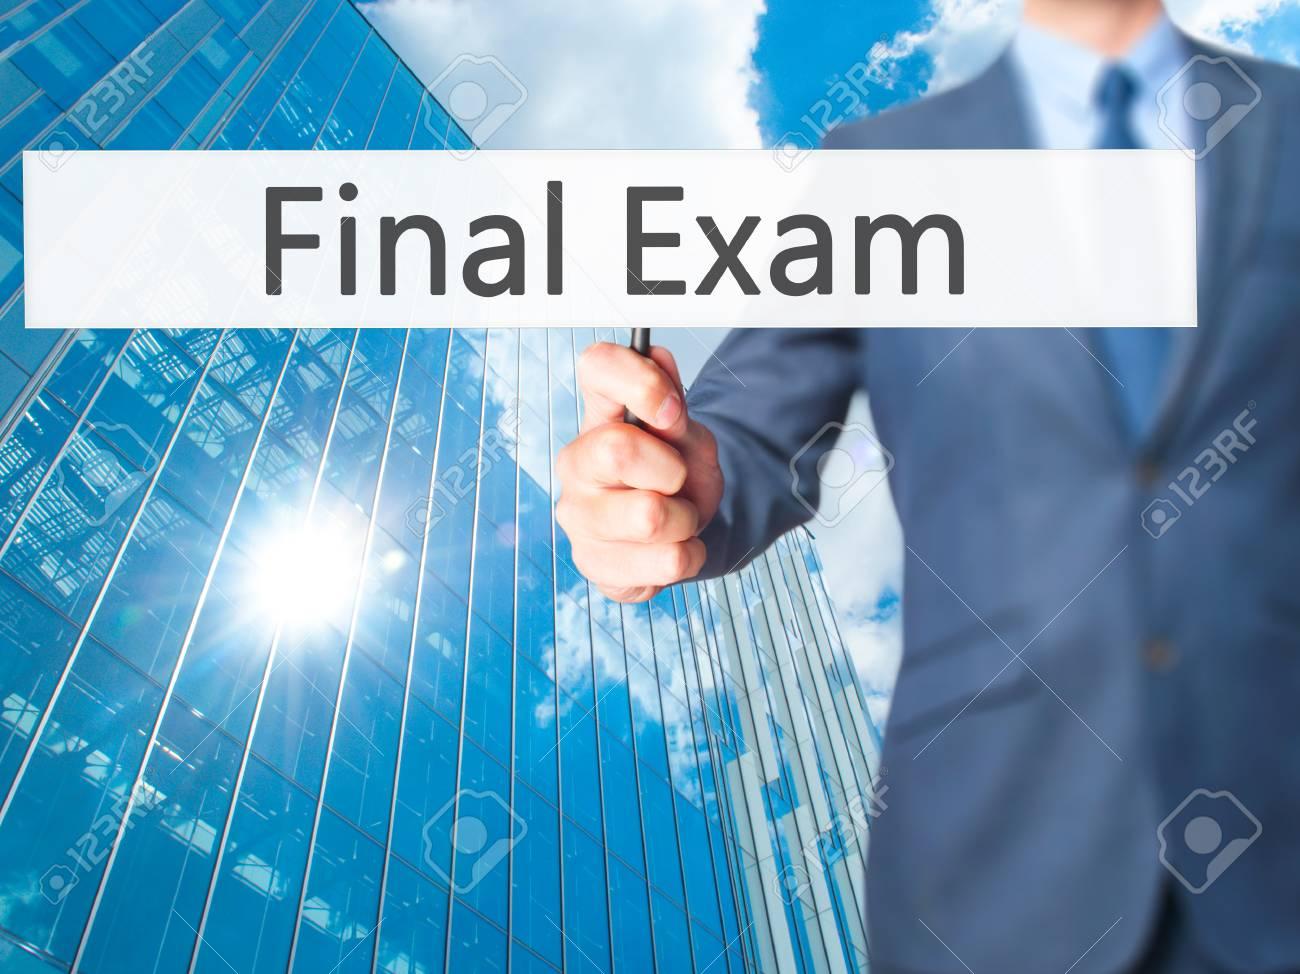 Final Exam - Businessman hand holding sign  Business, technology,